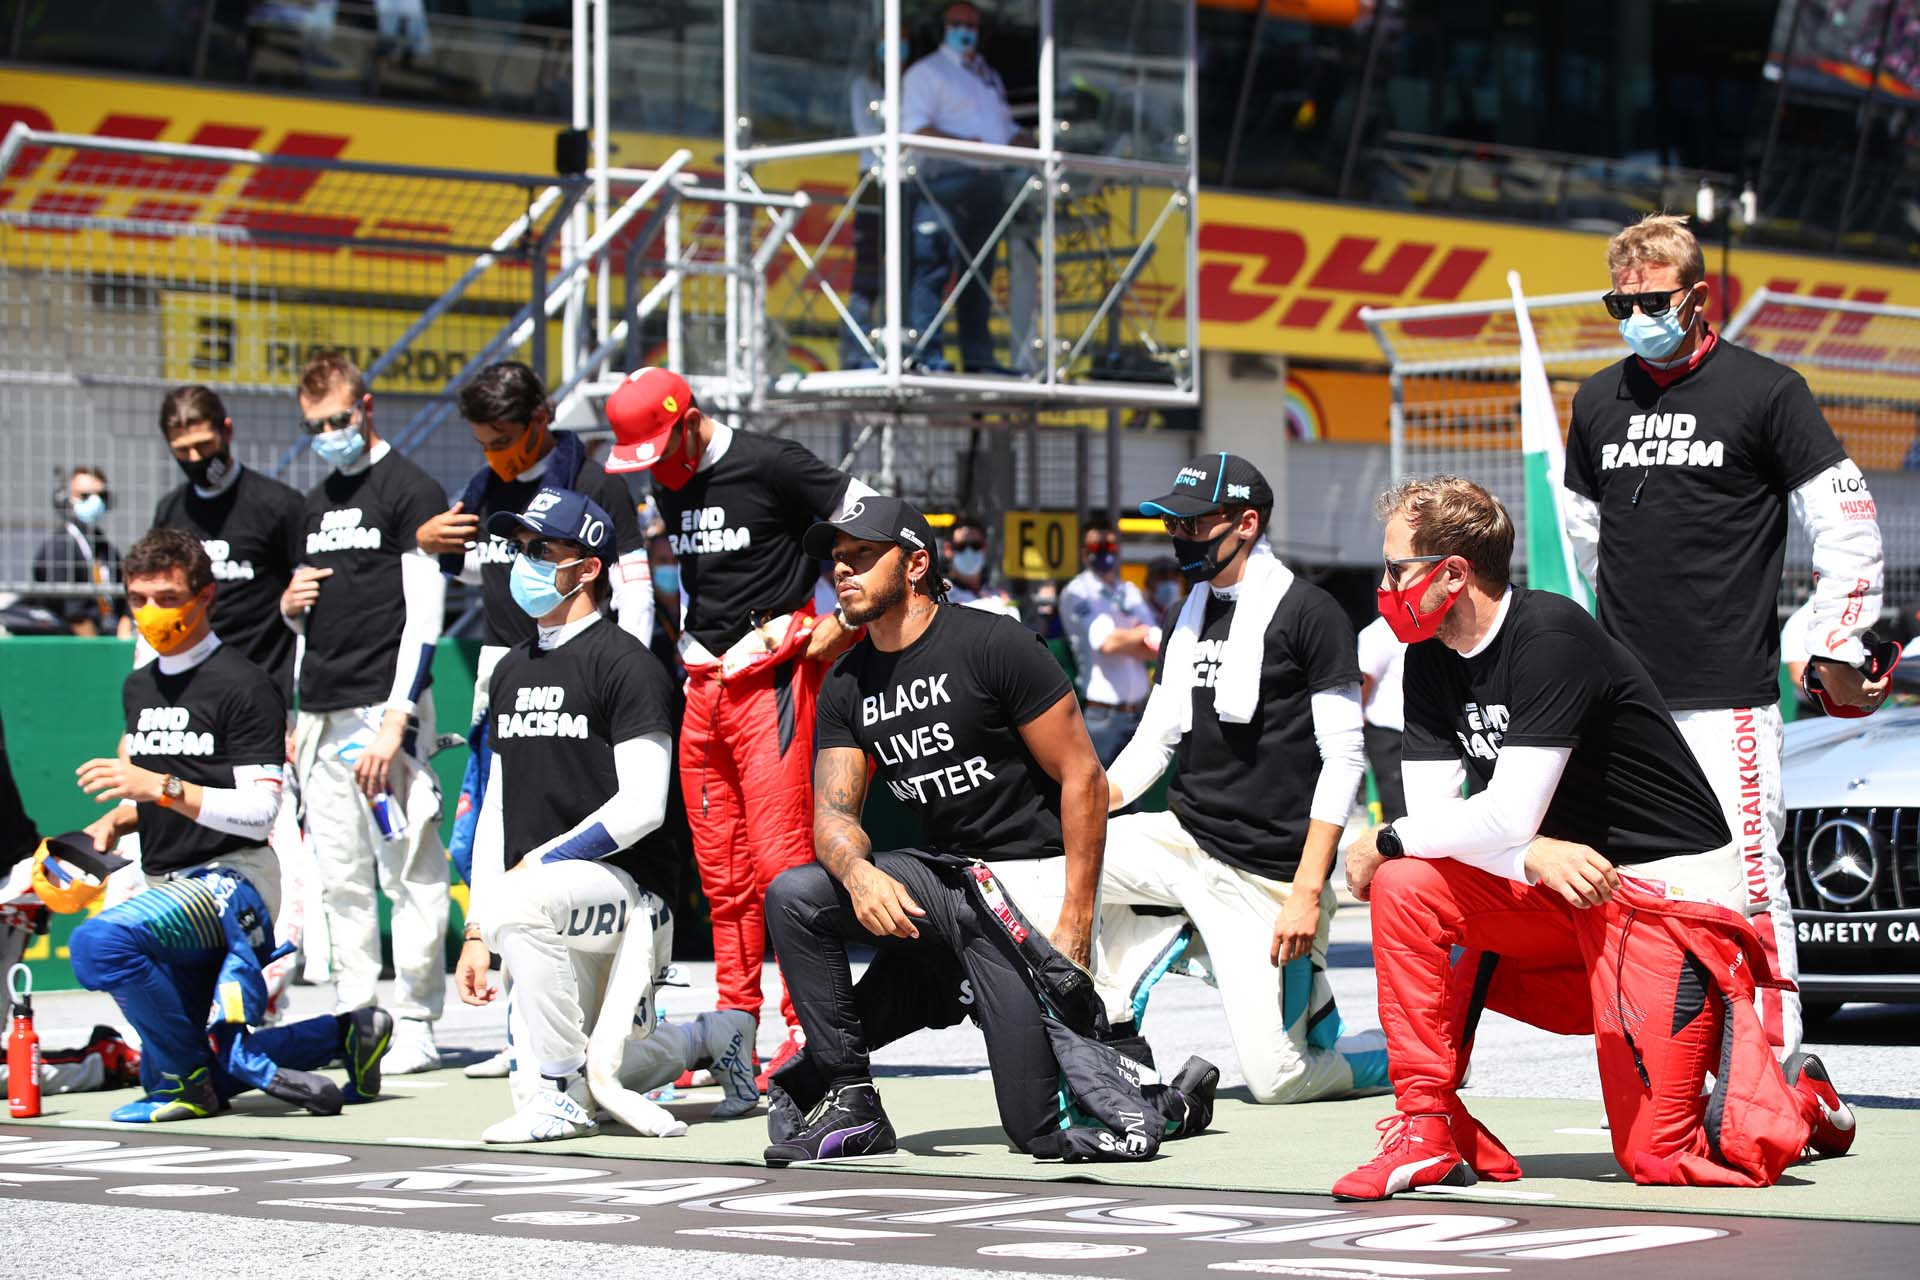 *** BESTPIX *** F1 Grand Prix of Austria